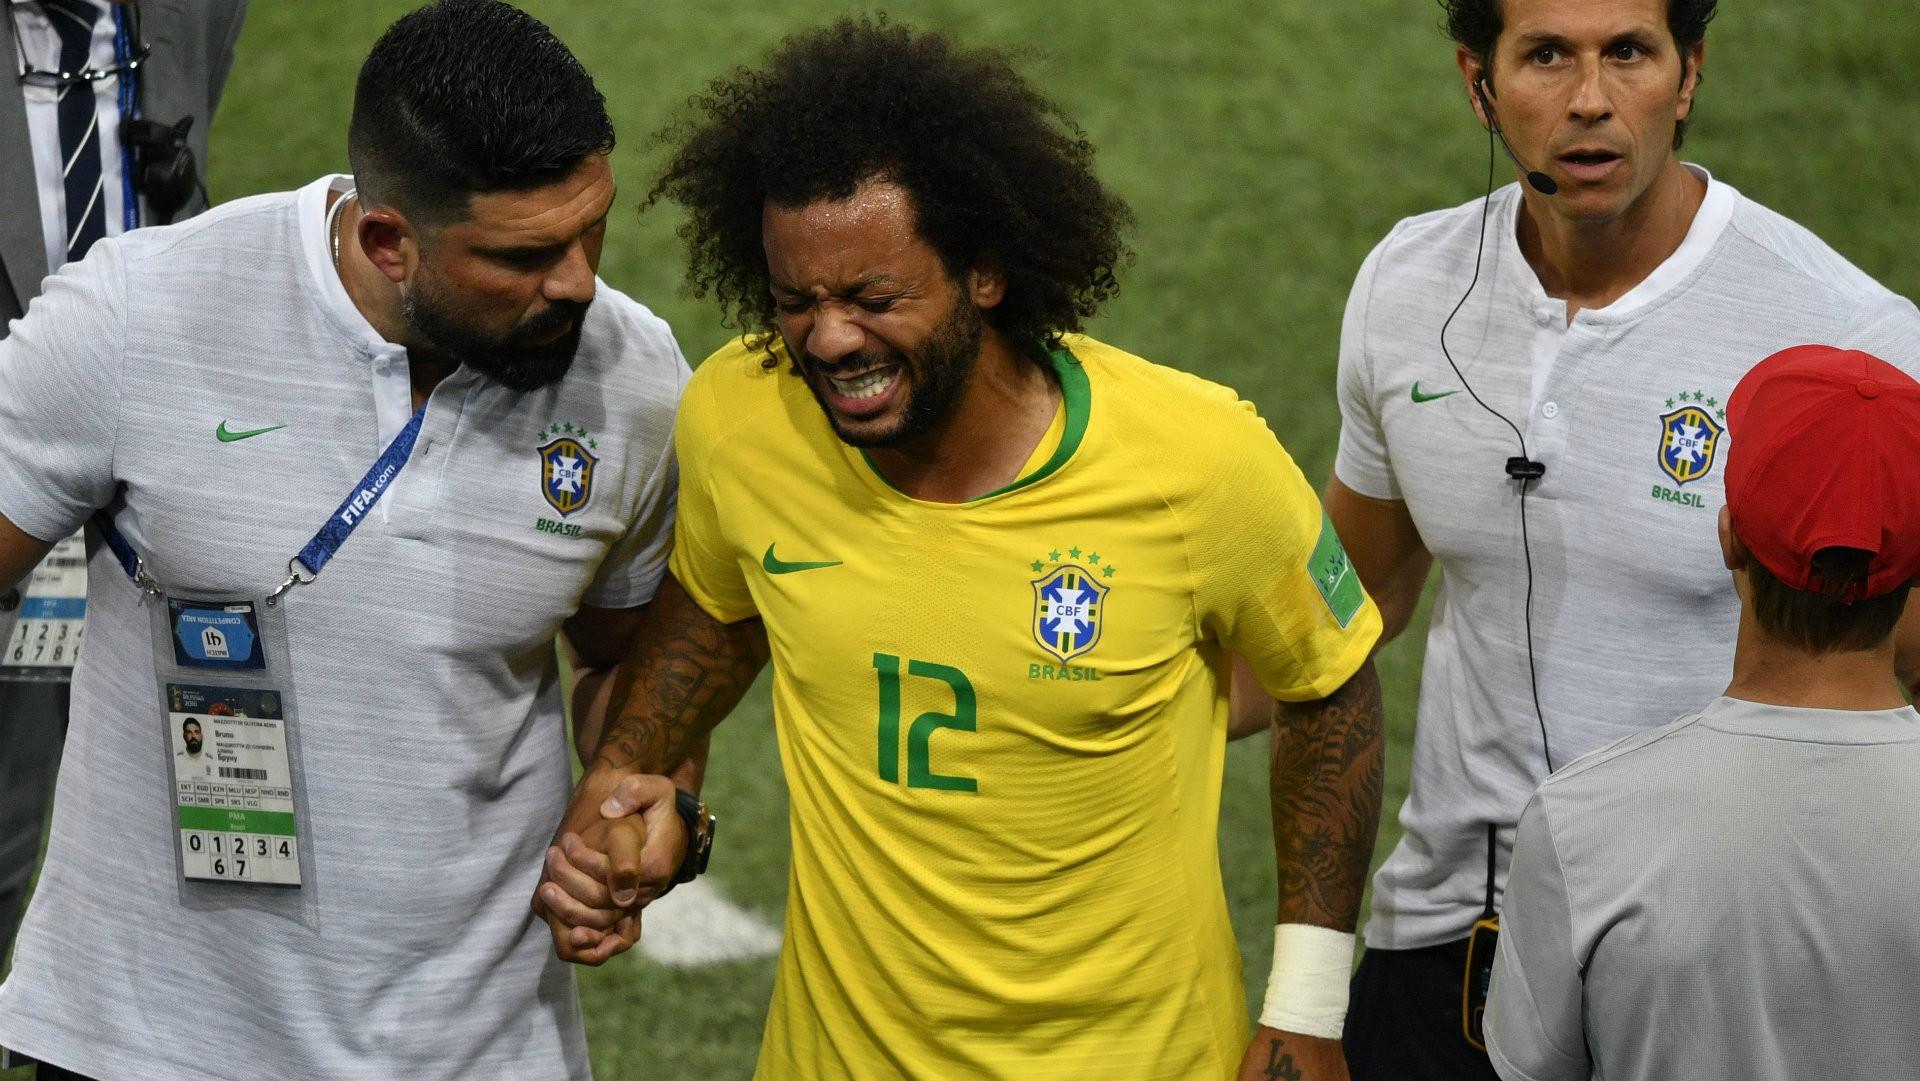 蒂特确认巴西对墨西哥首发,费利佩顶替马塞洛出场